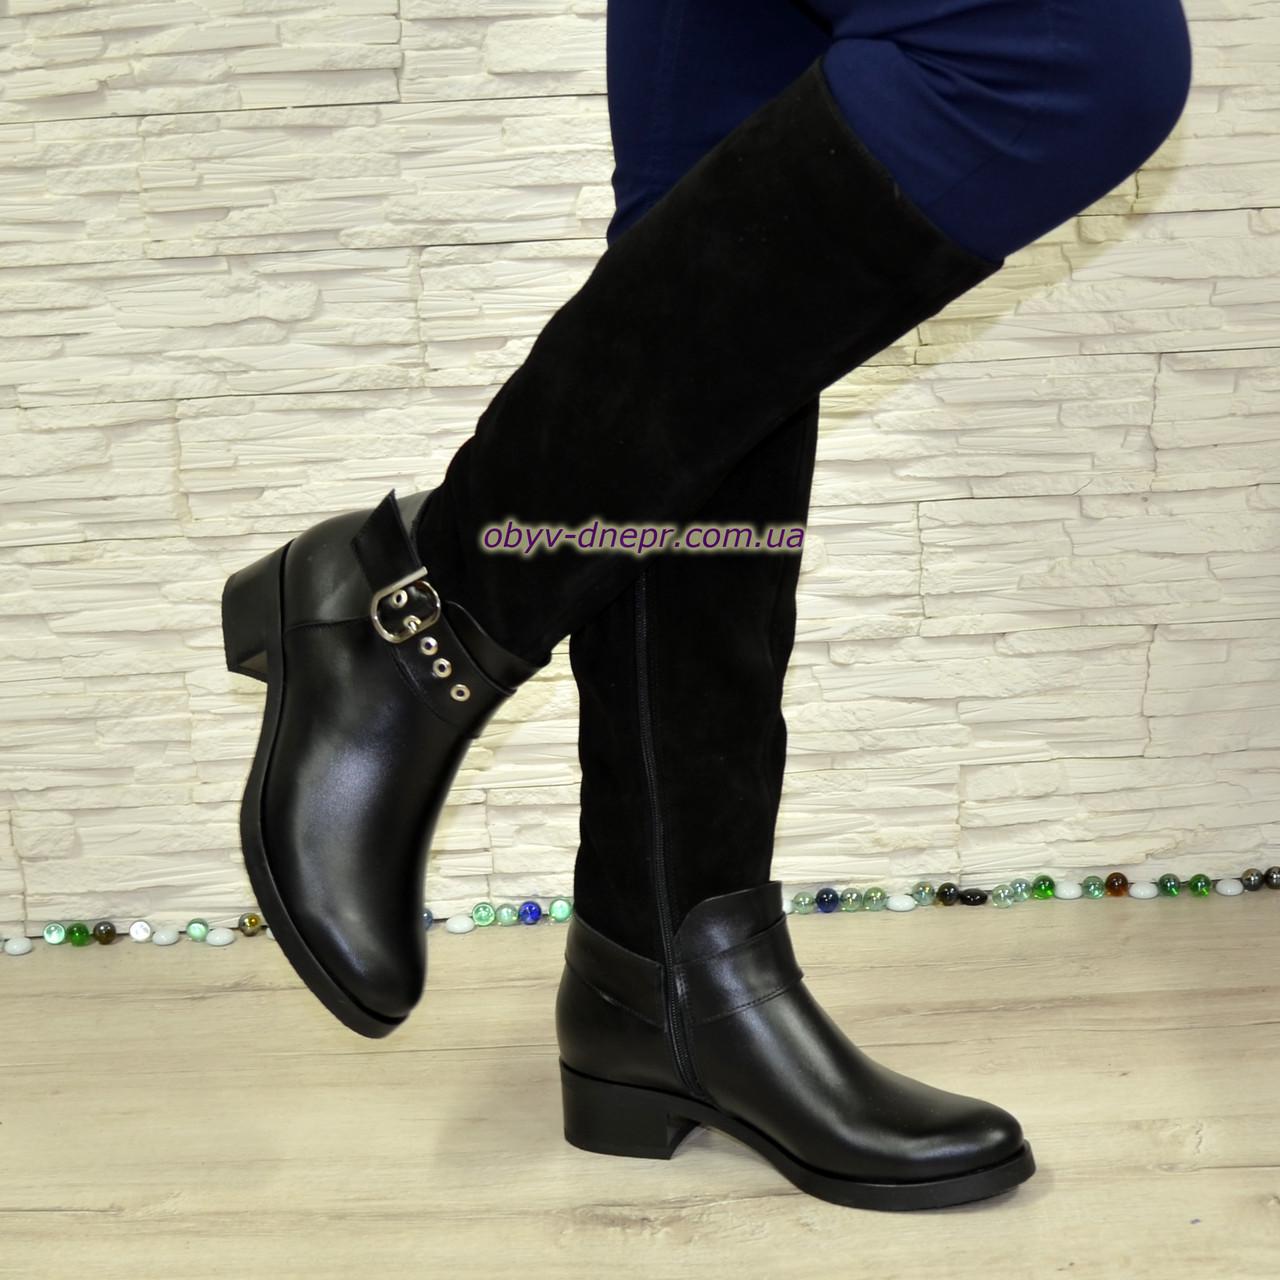 Сапоги женские демисезонные комбинированные на невысоком каблуке